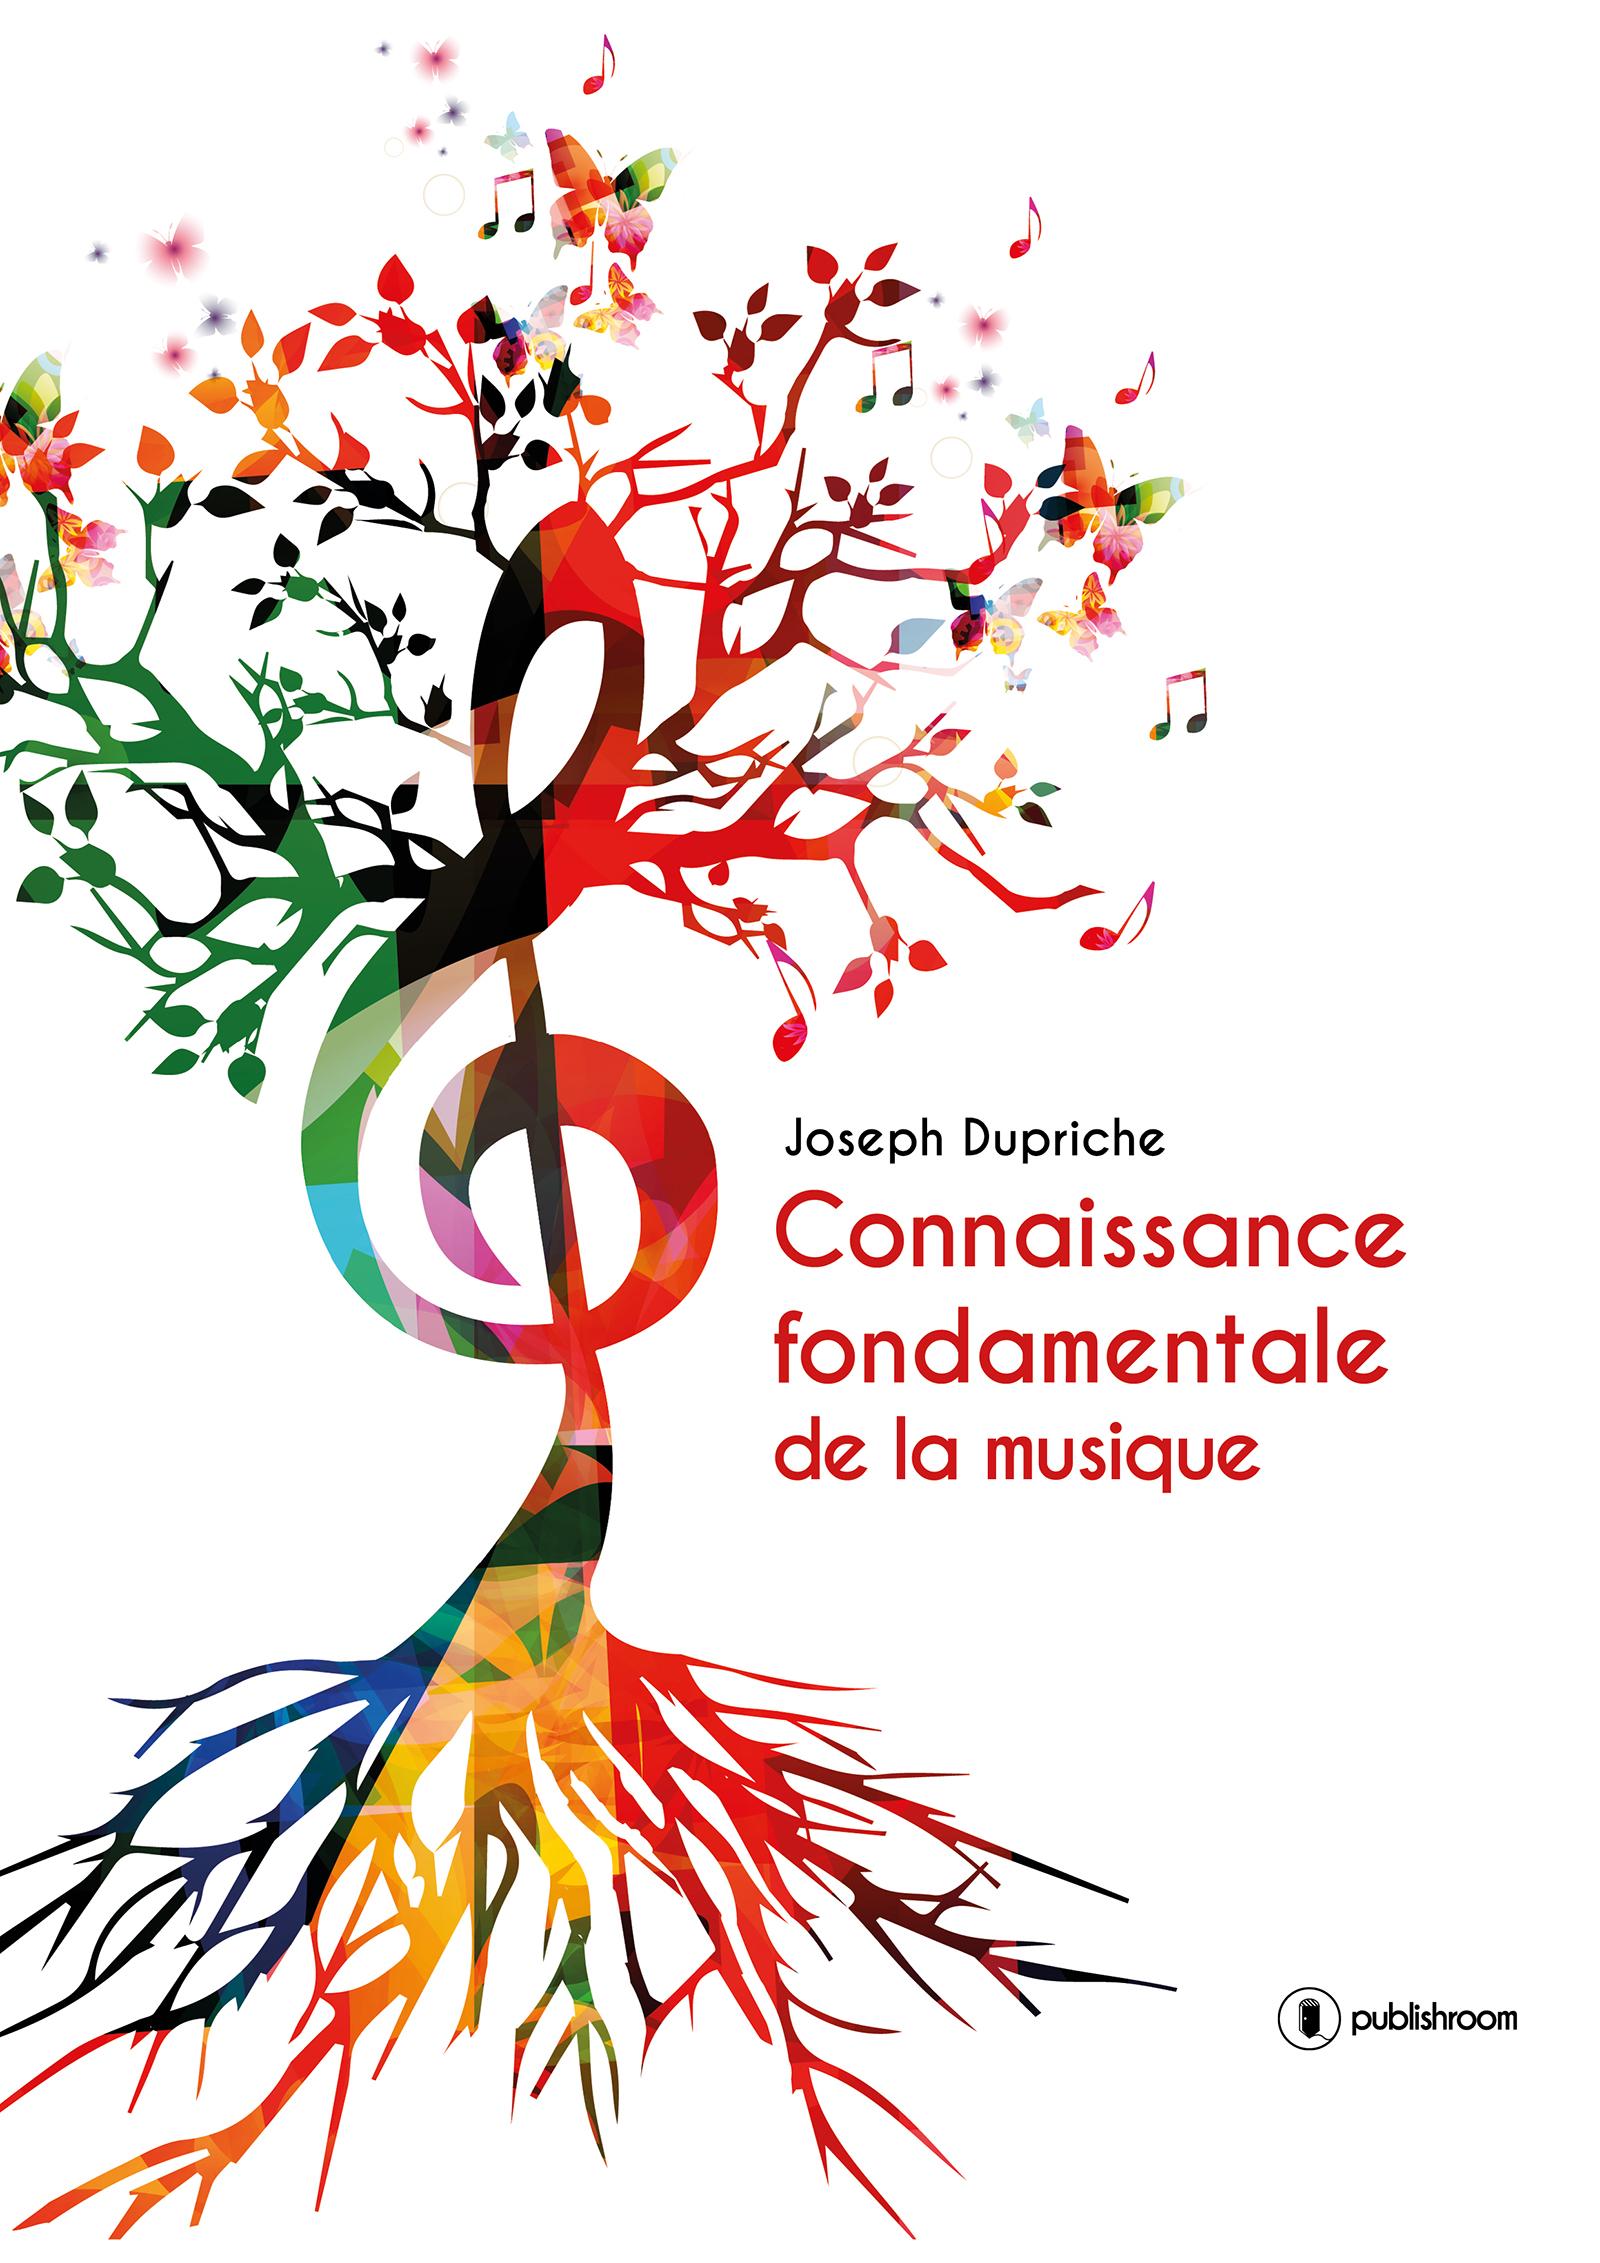 Connaissance fondamentale de la musique, Un essai d'analyse de la musique